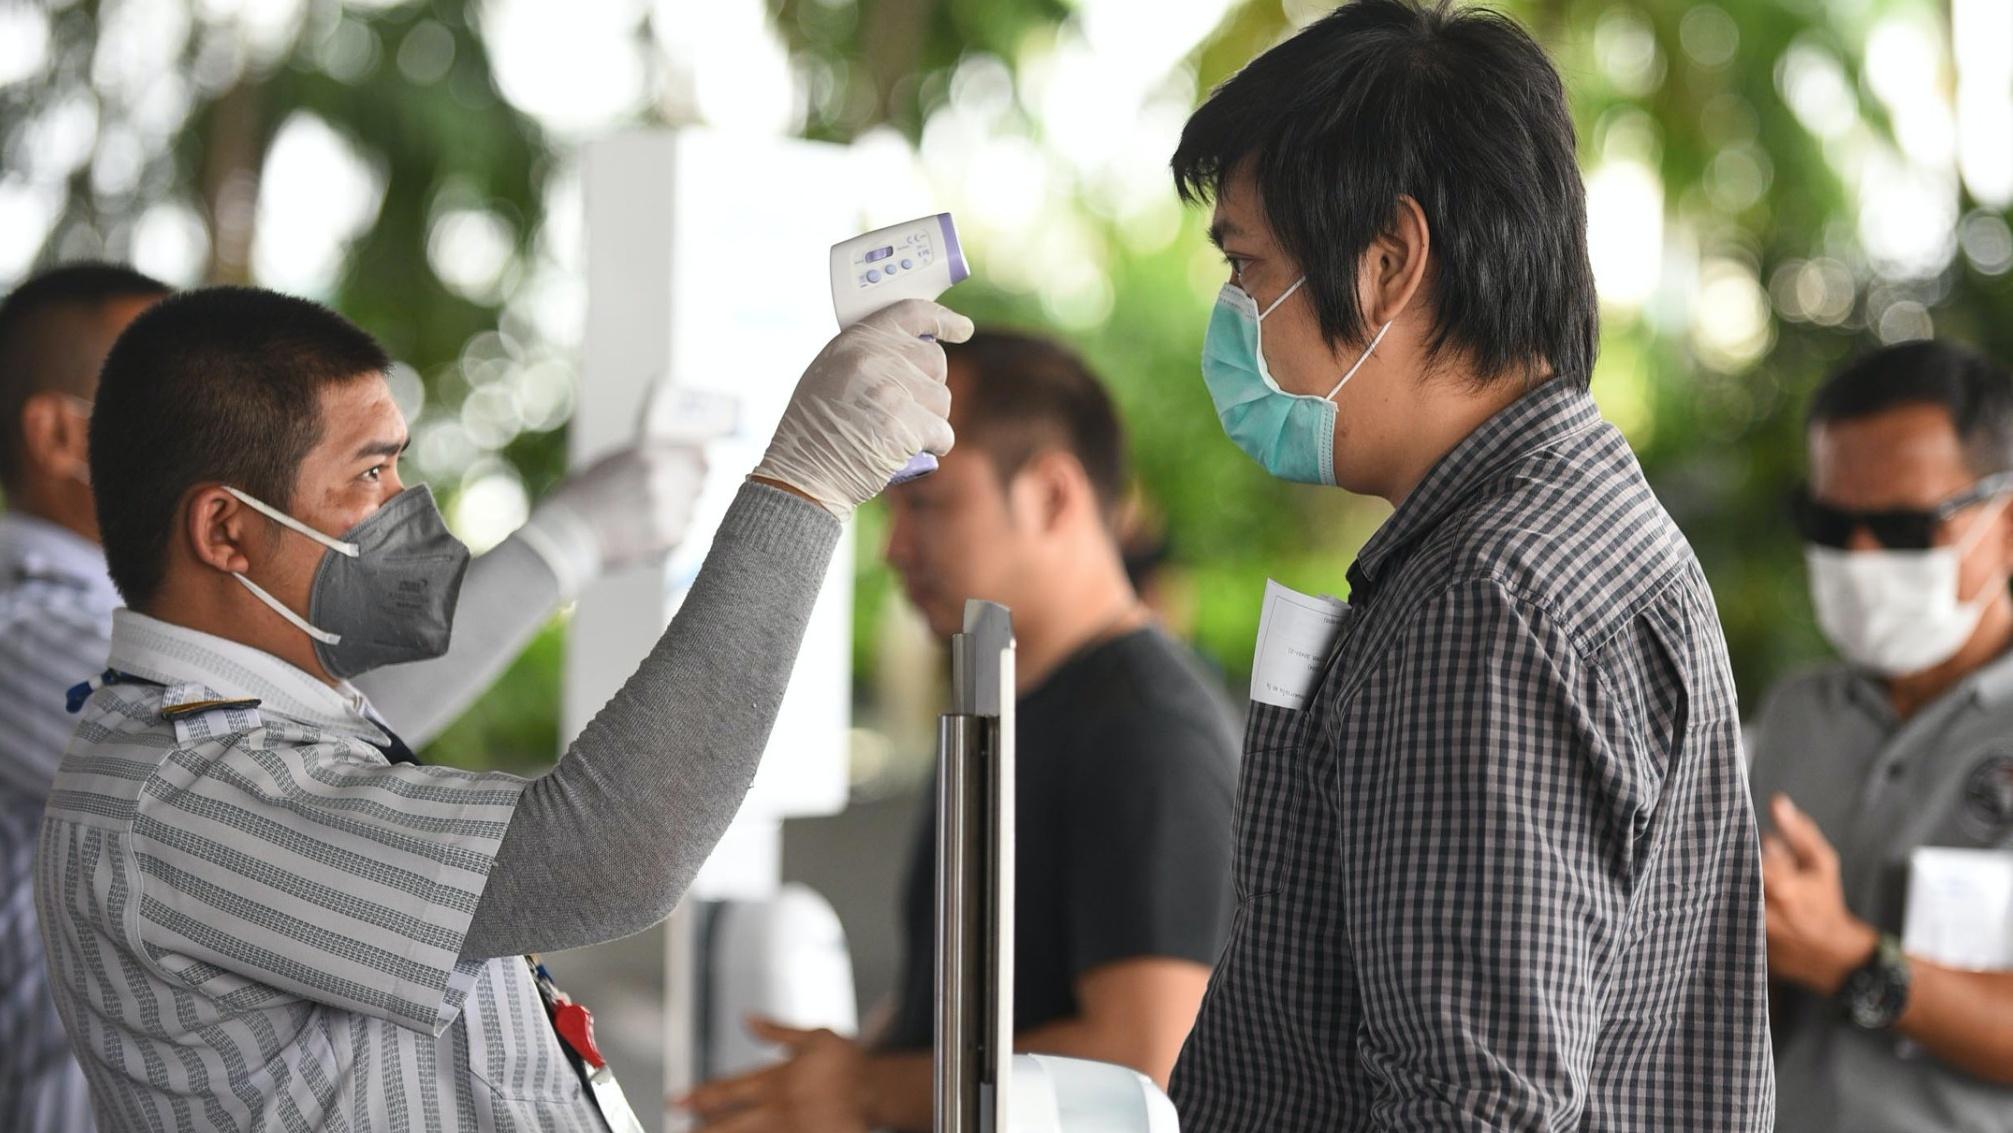 กระทรวงการคลัง ข่าวสดวันนี้ ไวรัสโควิด19 ไวรัสโคโรนา